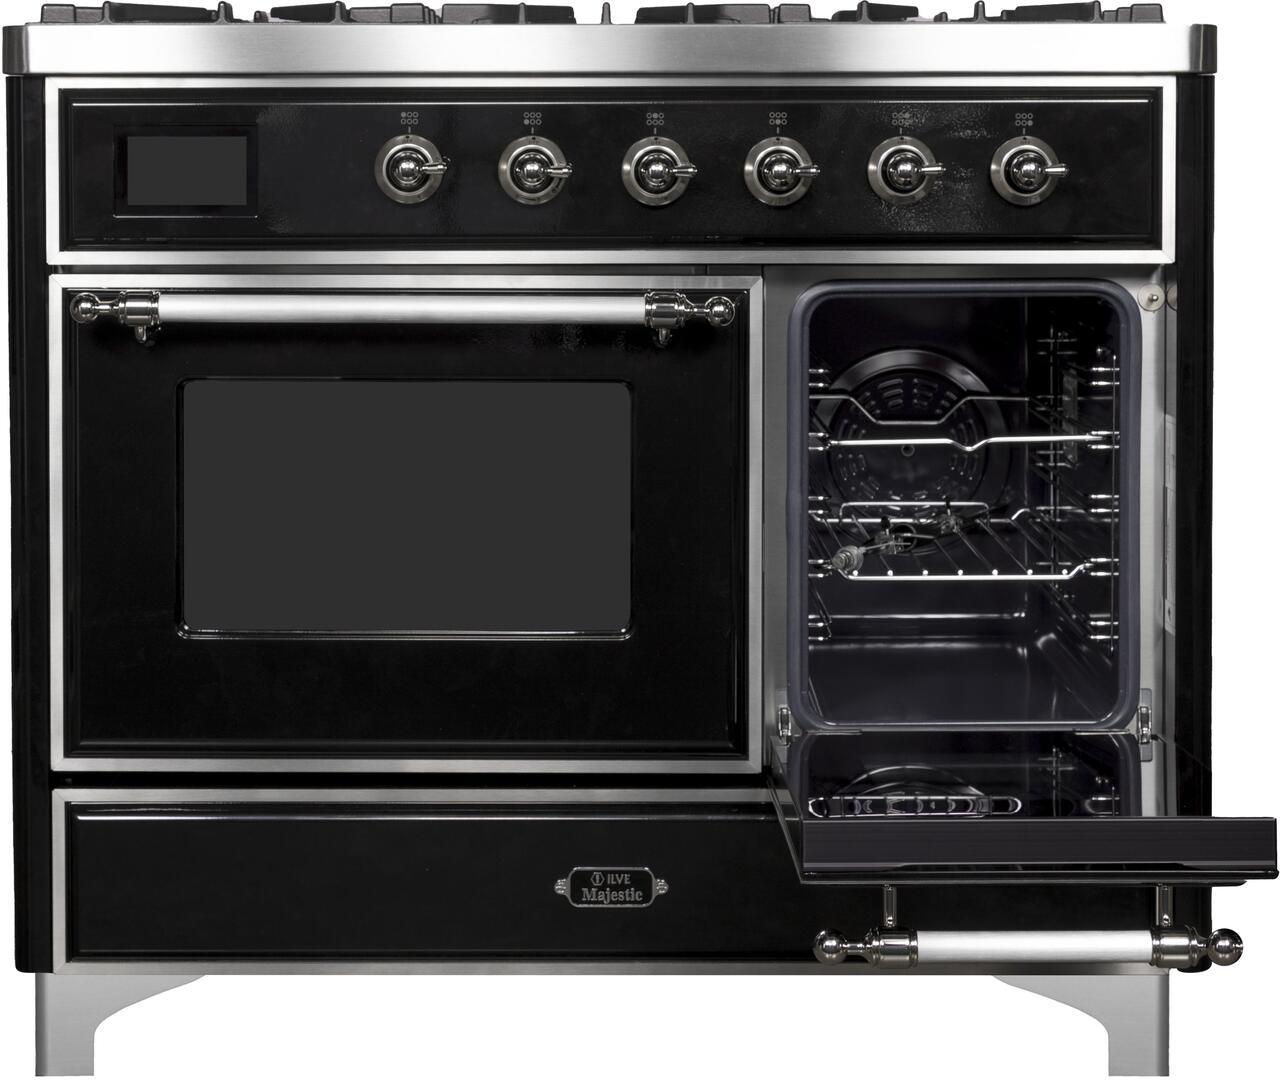 Ilve Majestic II UMD10FDNS3BKC Freestanding Dual Fuel Range Black, UMD10FDNS3BKC Side Oven Door Opened